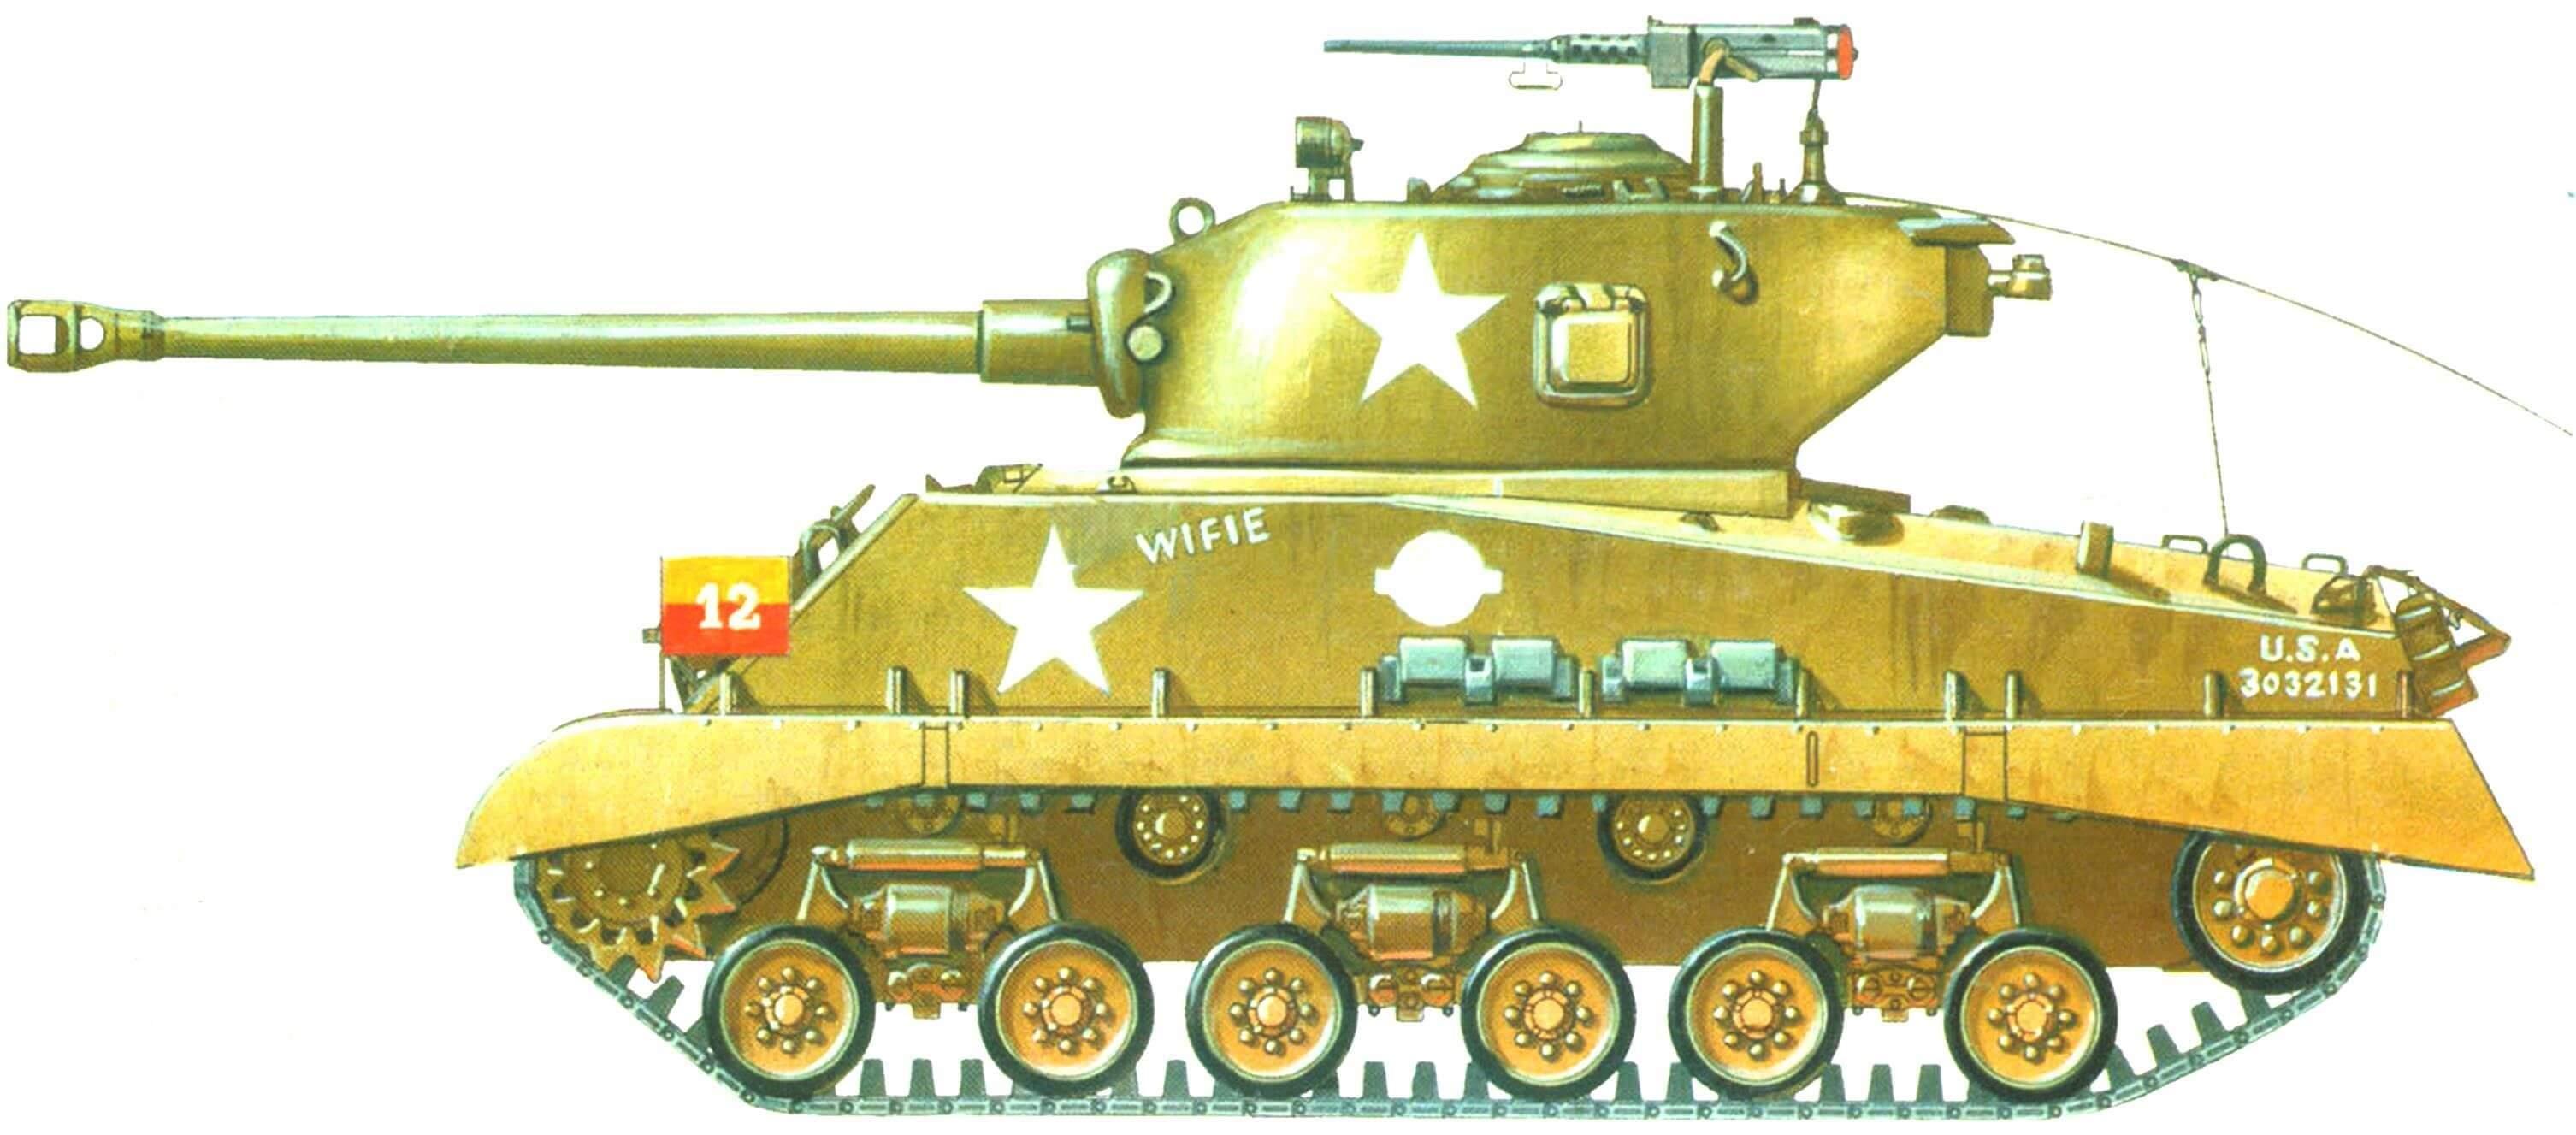 Средний танк М4АЗЕ8. 12-я танковая дивизия, Франция, март 1945 г. Судя по флажку на левом крыле, эта машина принадлежит штабу дивизии